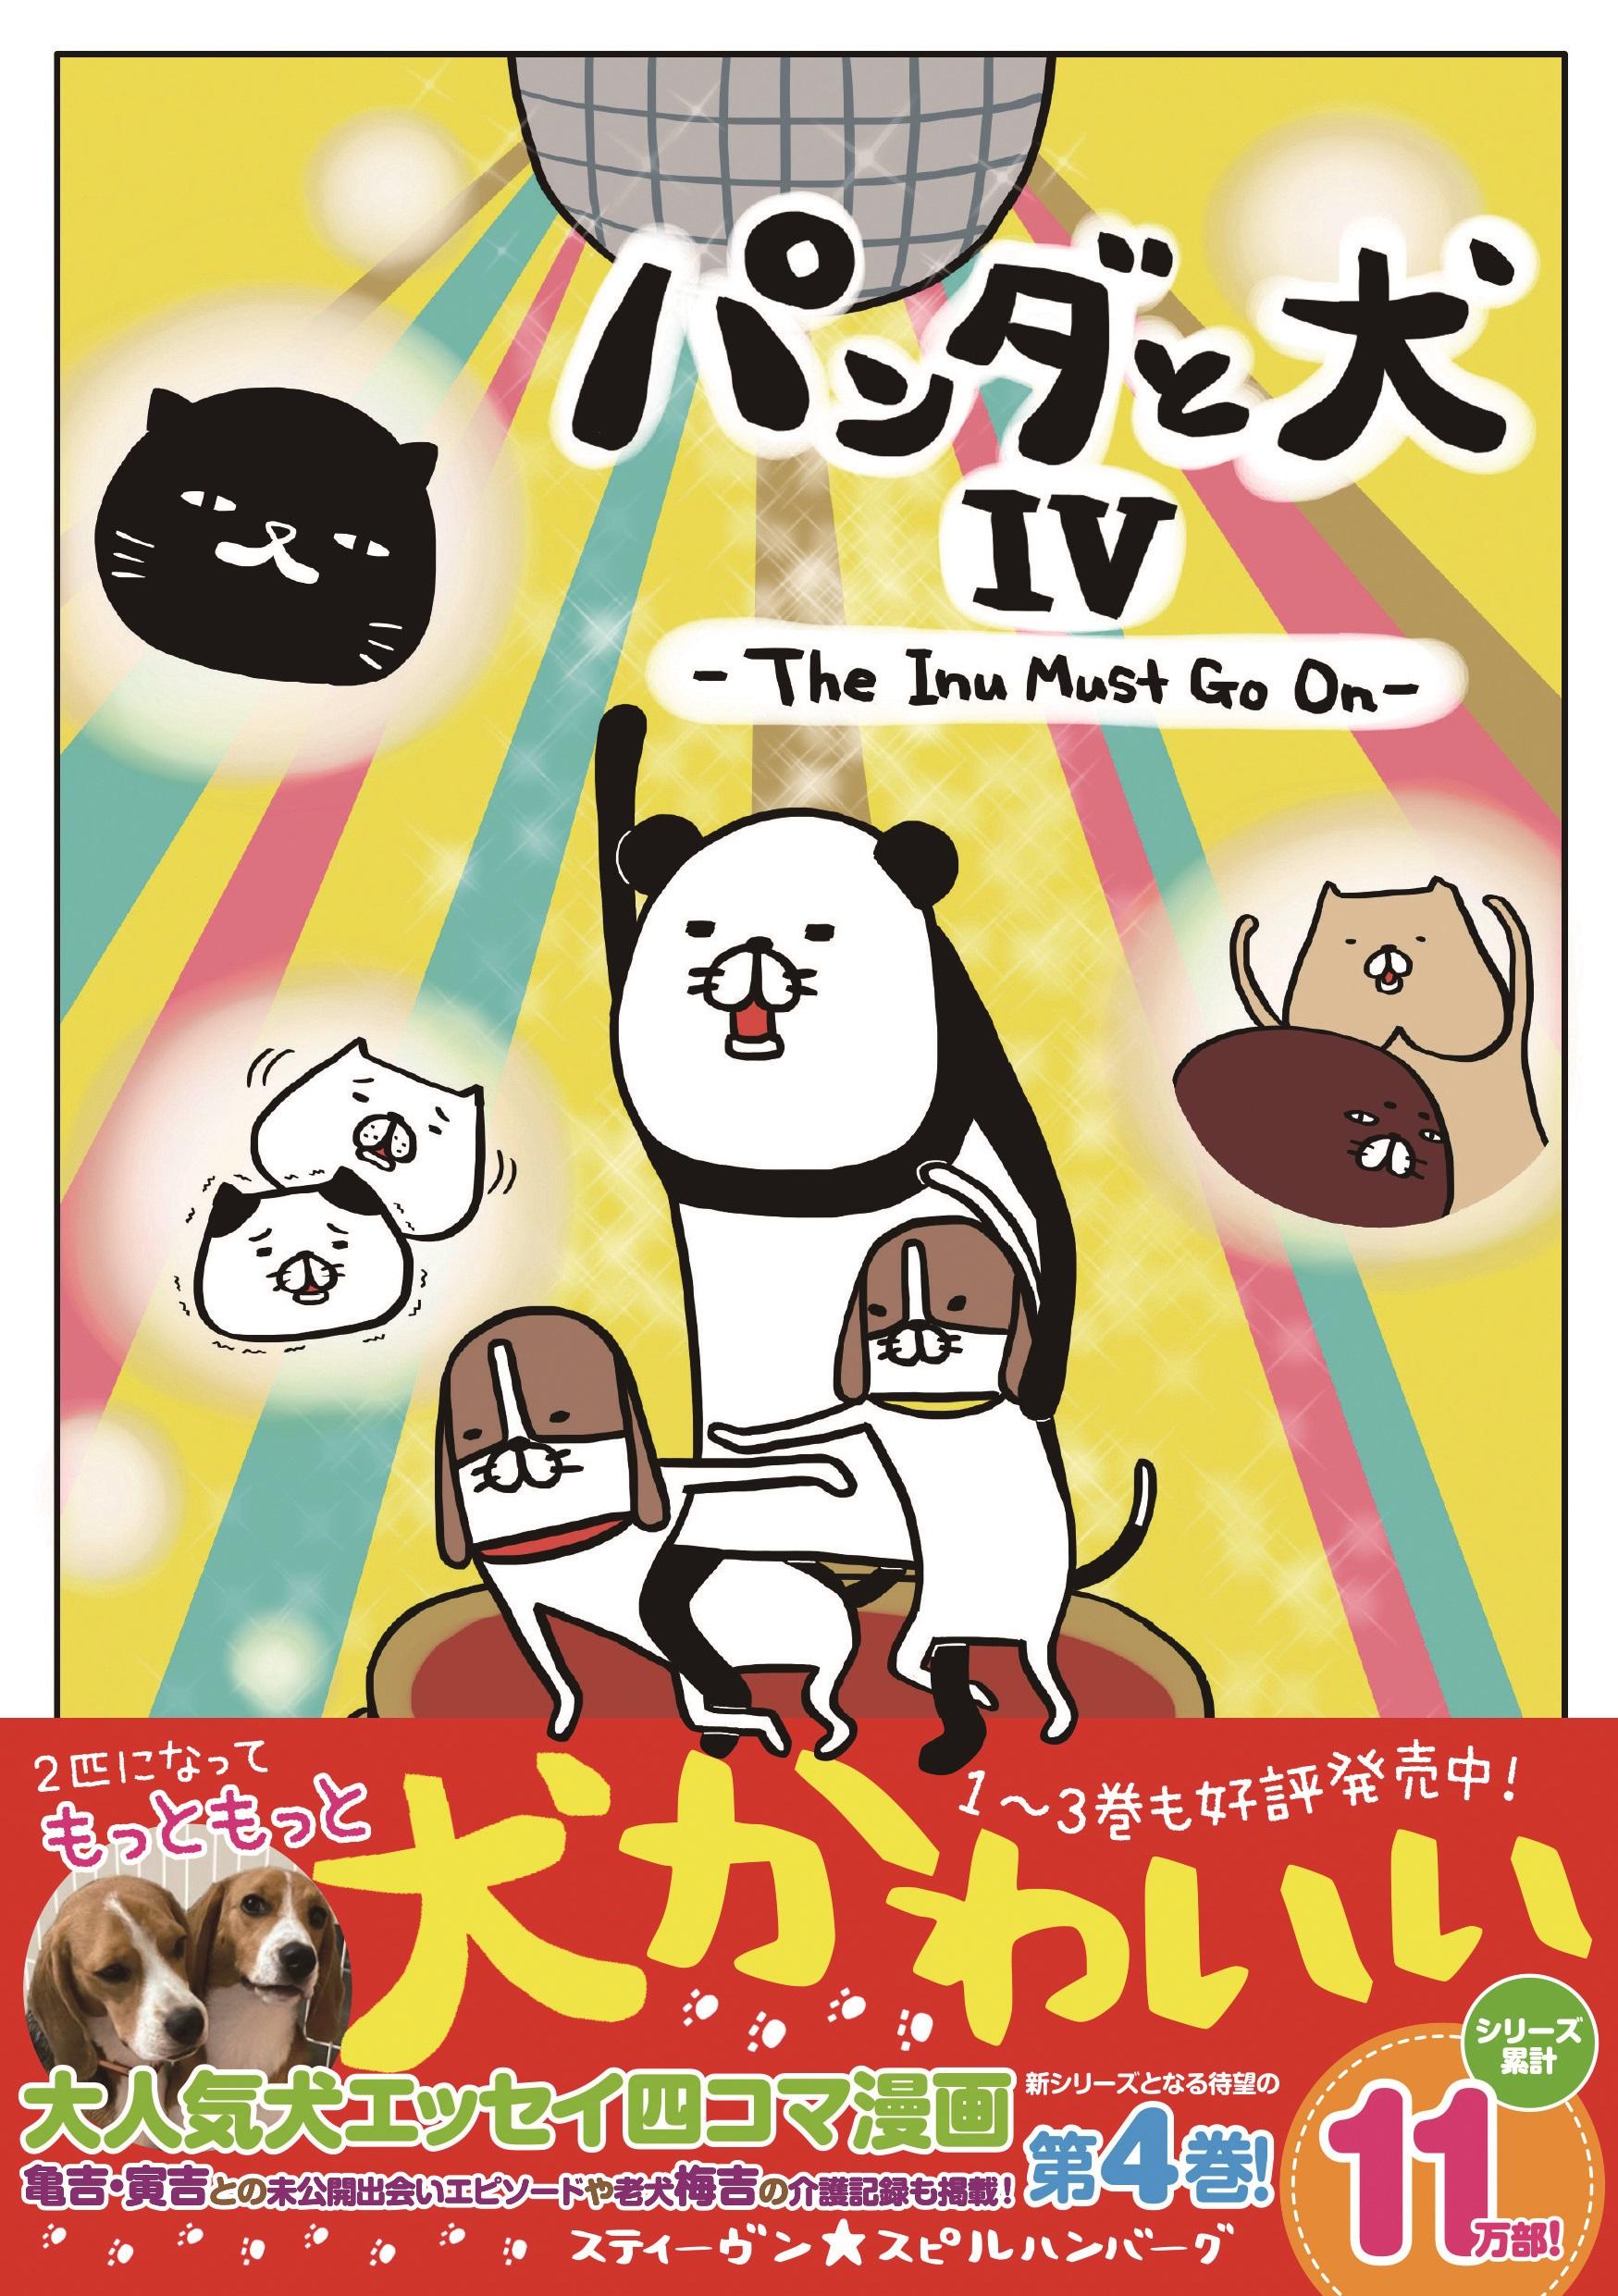 パンダと⽝ Ⅳ -The Inu Must Go On-